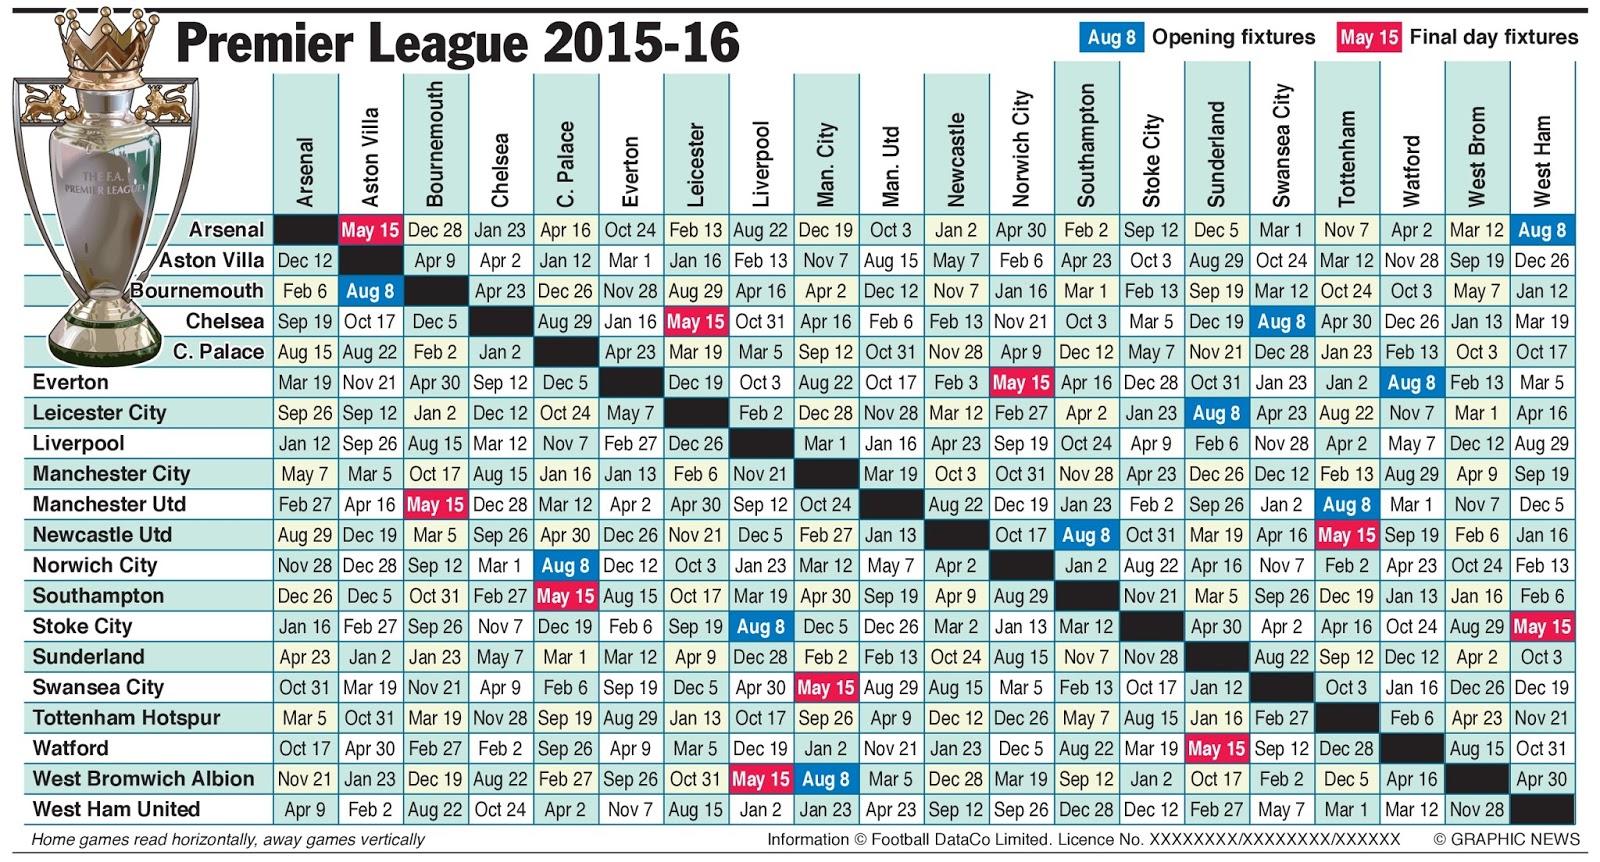 Premier League Calendario.Sports Intelligence Premier League Fixtures 2015 2016